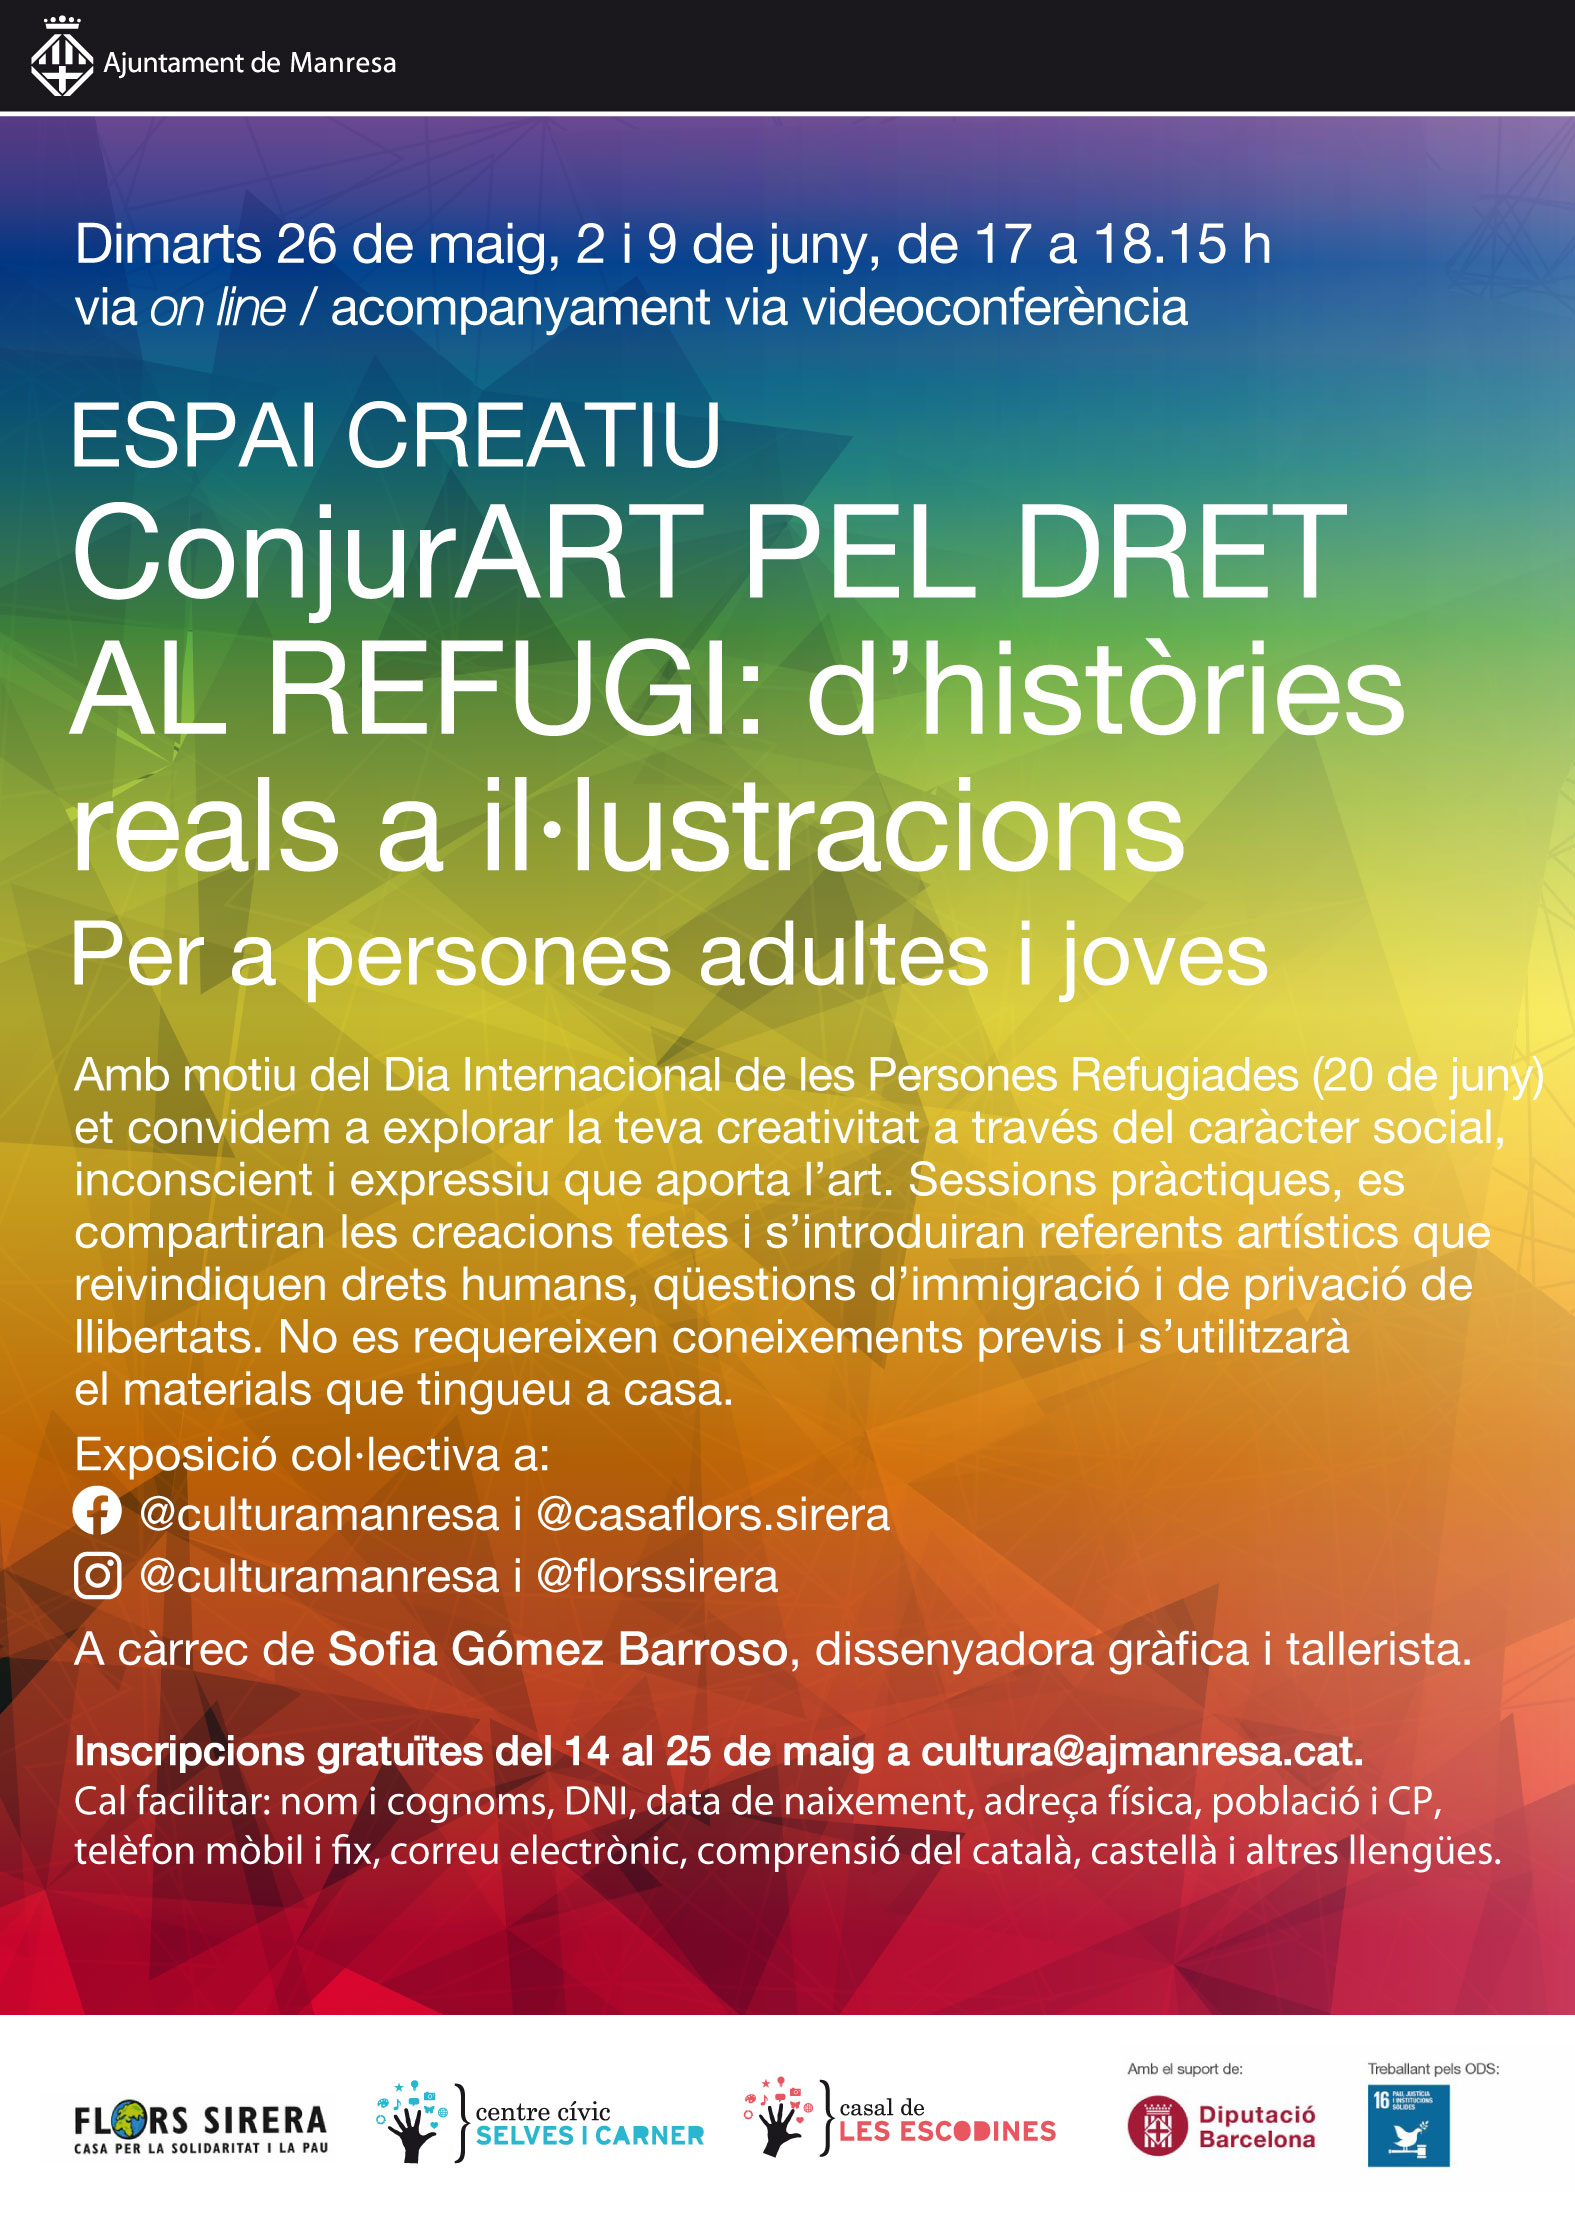 L'Ajuntament organitza un segon Espai Creatiu via 'on line' sobre il·lustració i dret al refugi